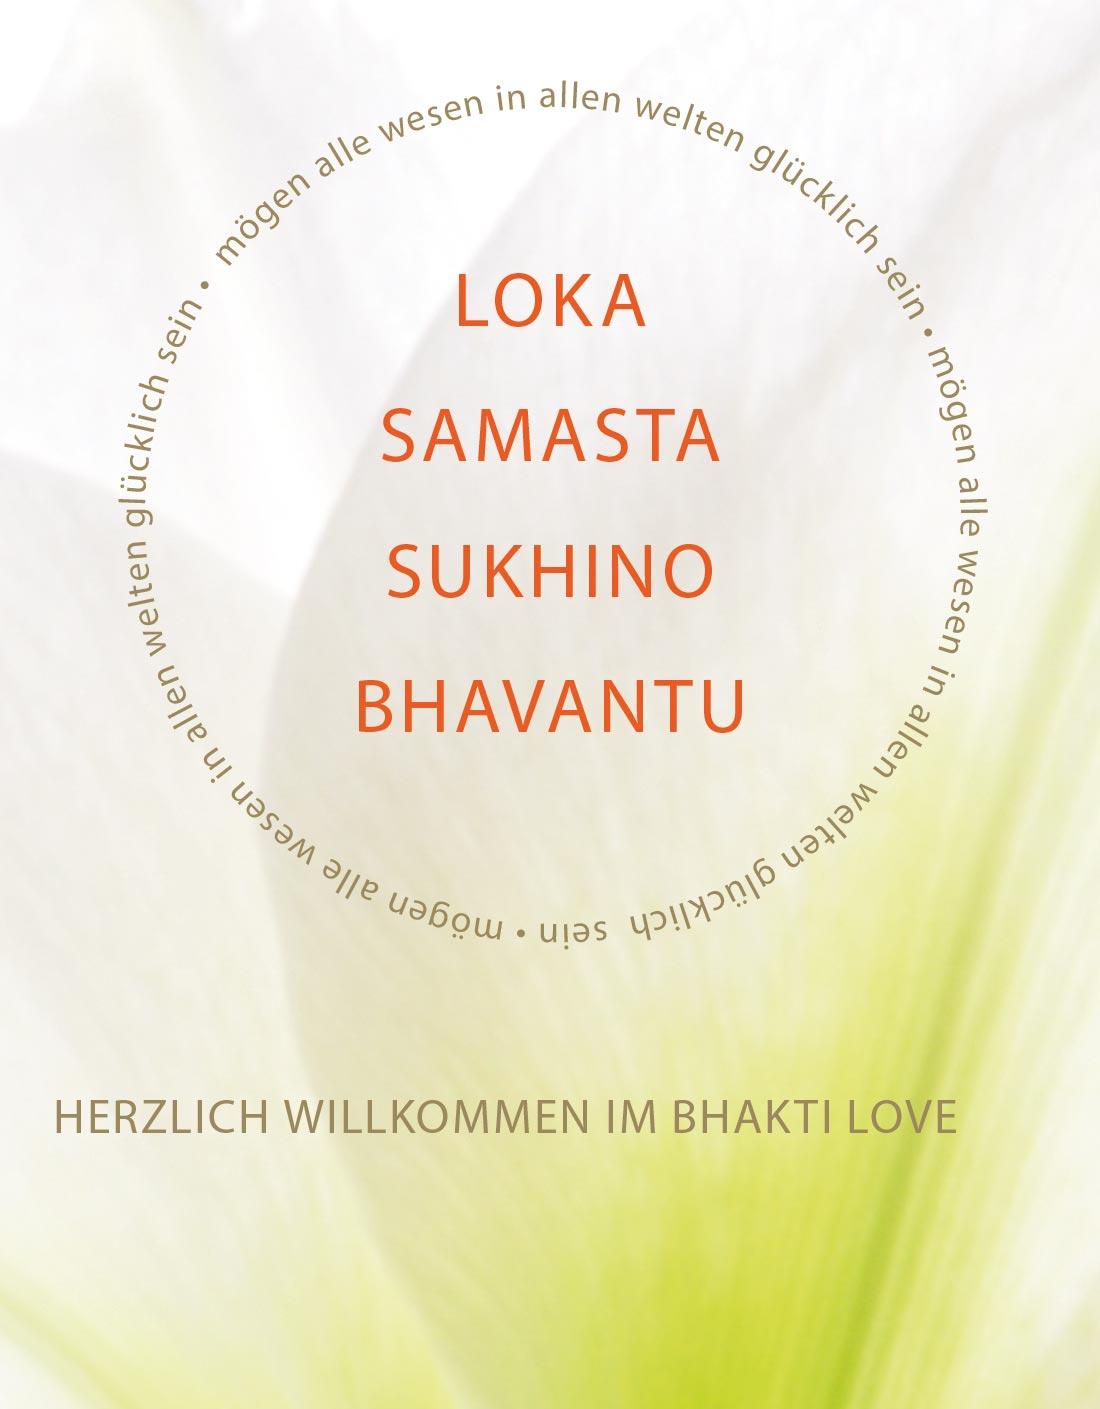 Herzlich willkommen im Bhakti Love